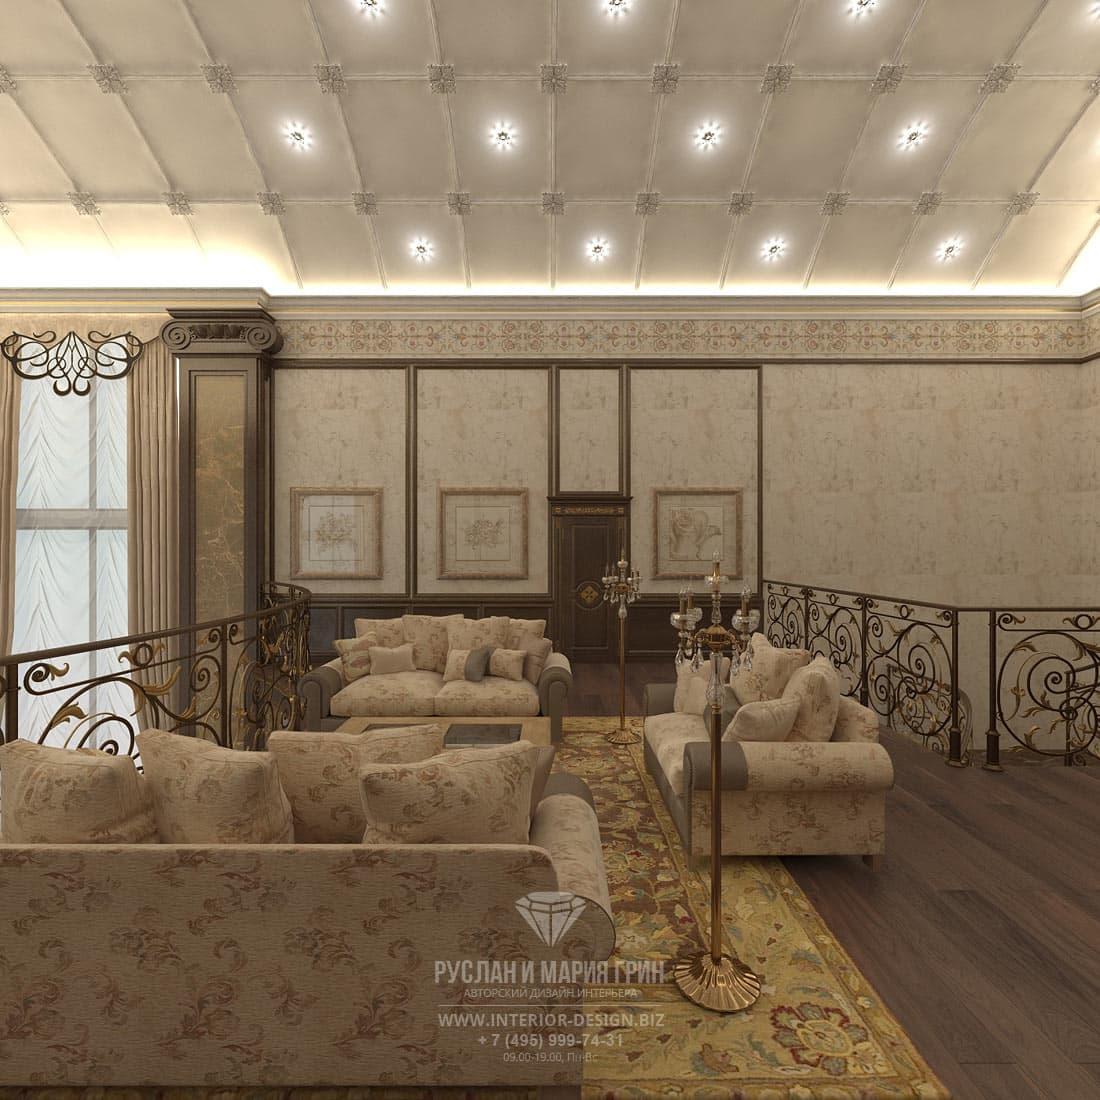 Интерьер гостиной в холле второго этажа